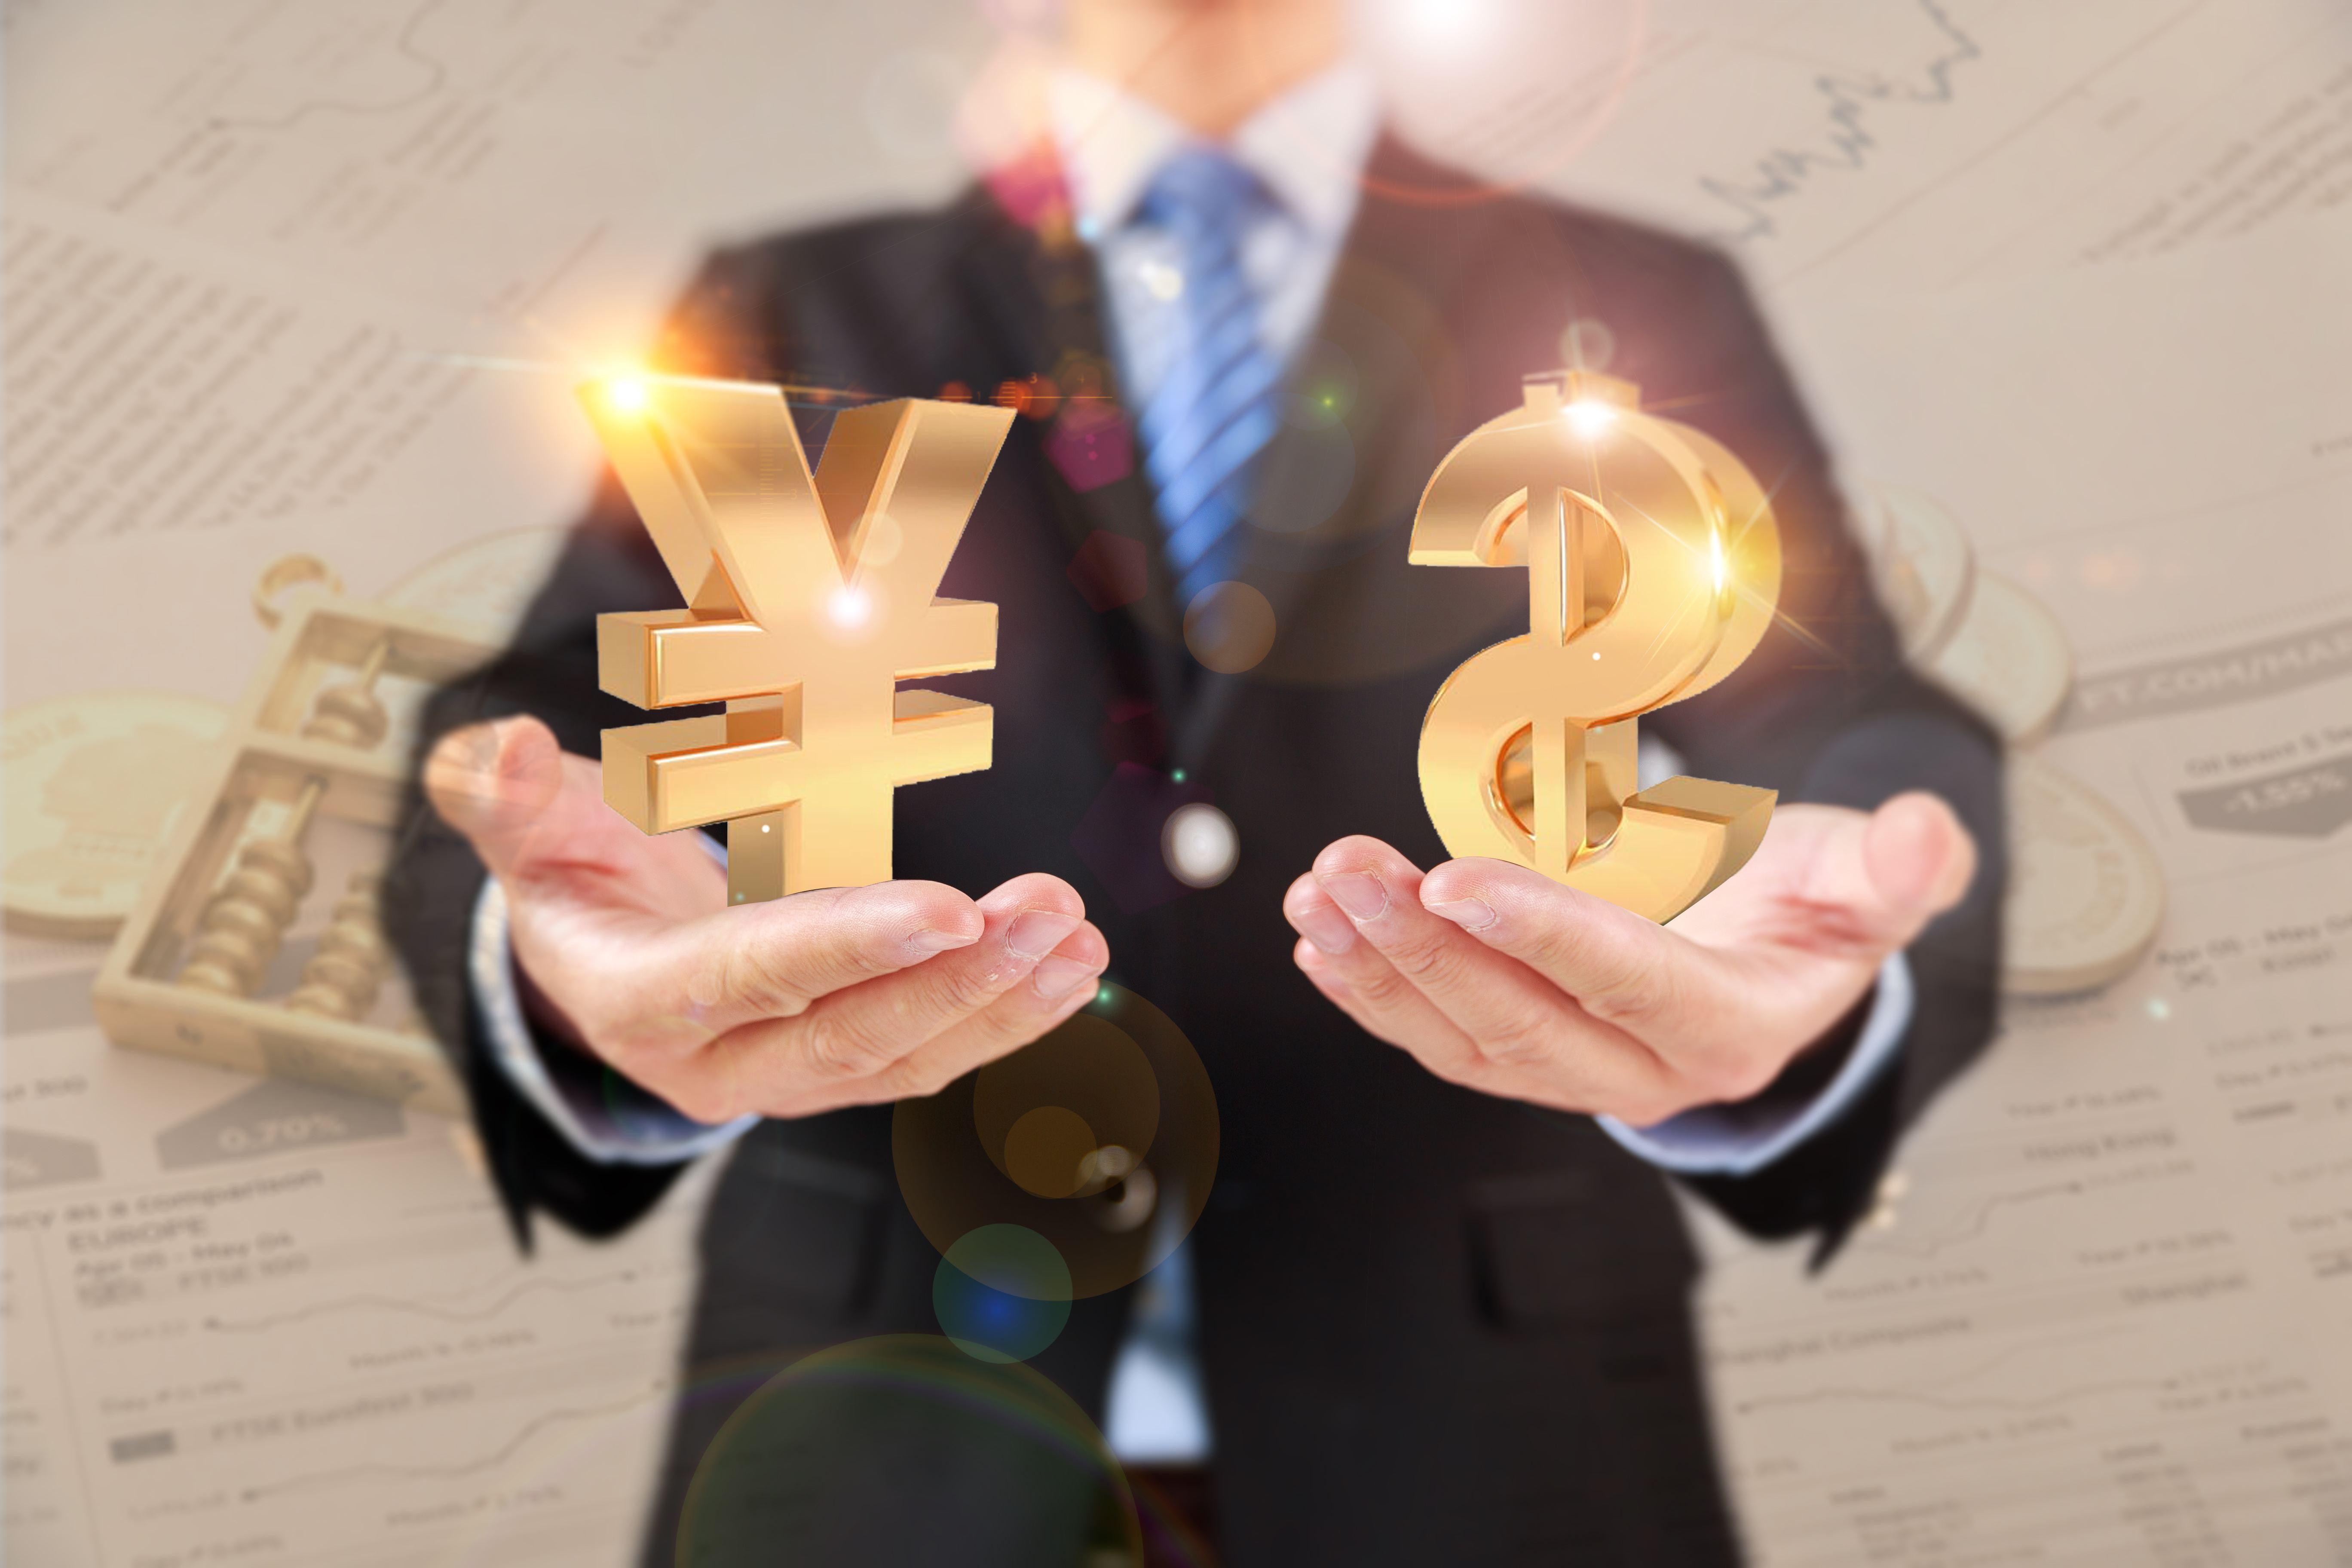 渤海银行税贷什么条件?满足这些条件就可申请